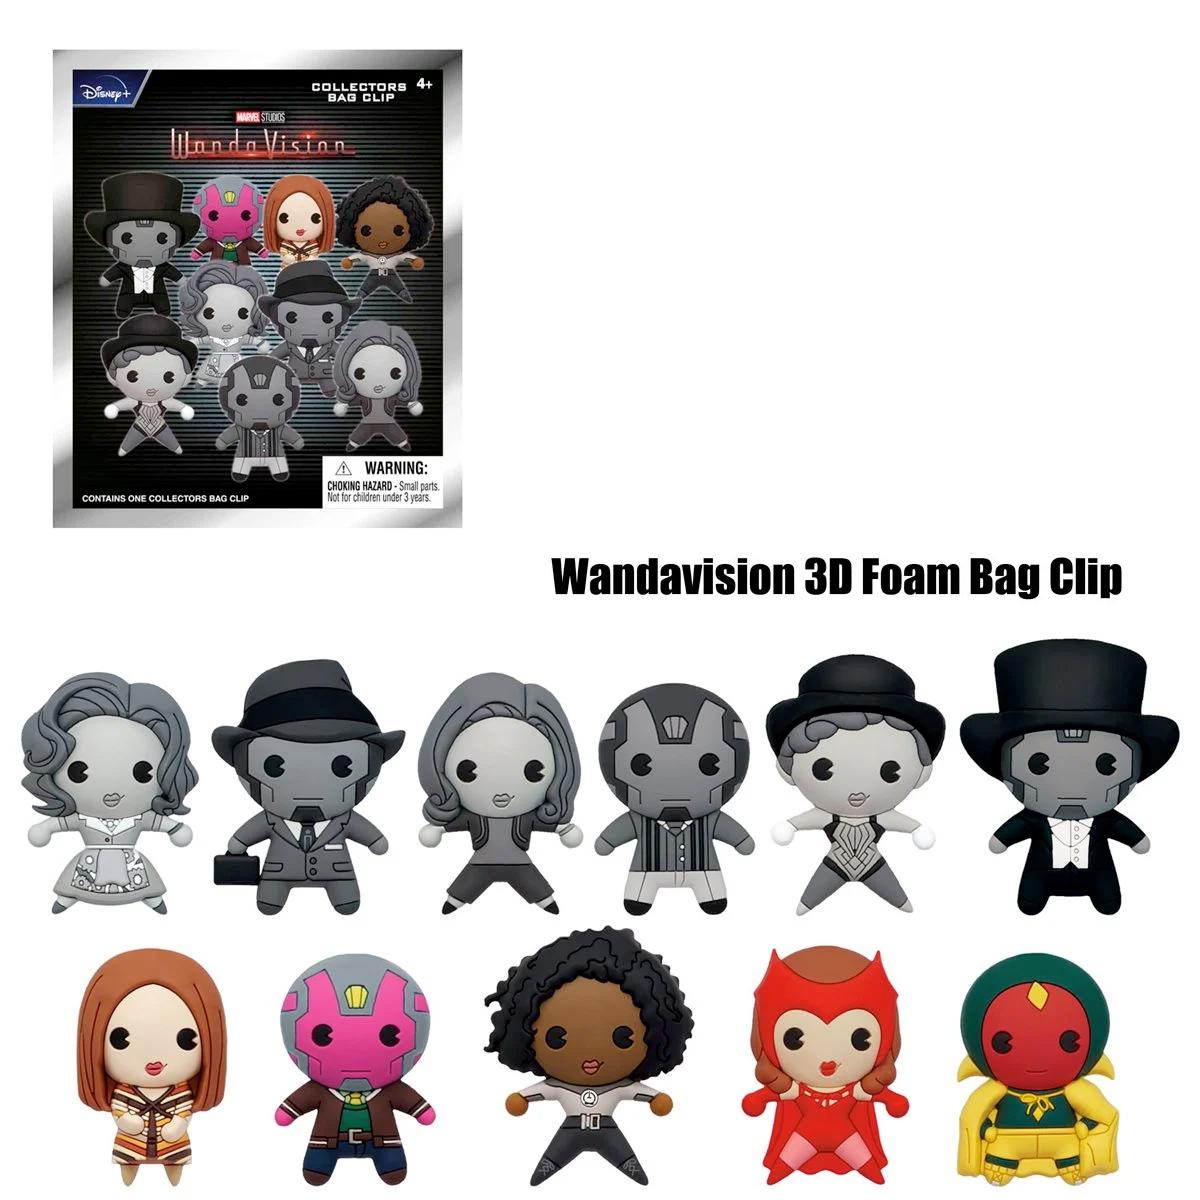 WandaVision Figural Foam Bag Clip